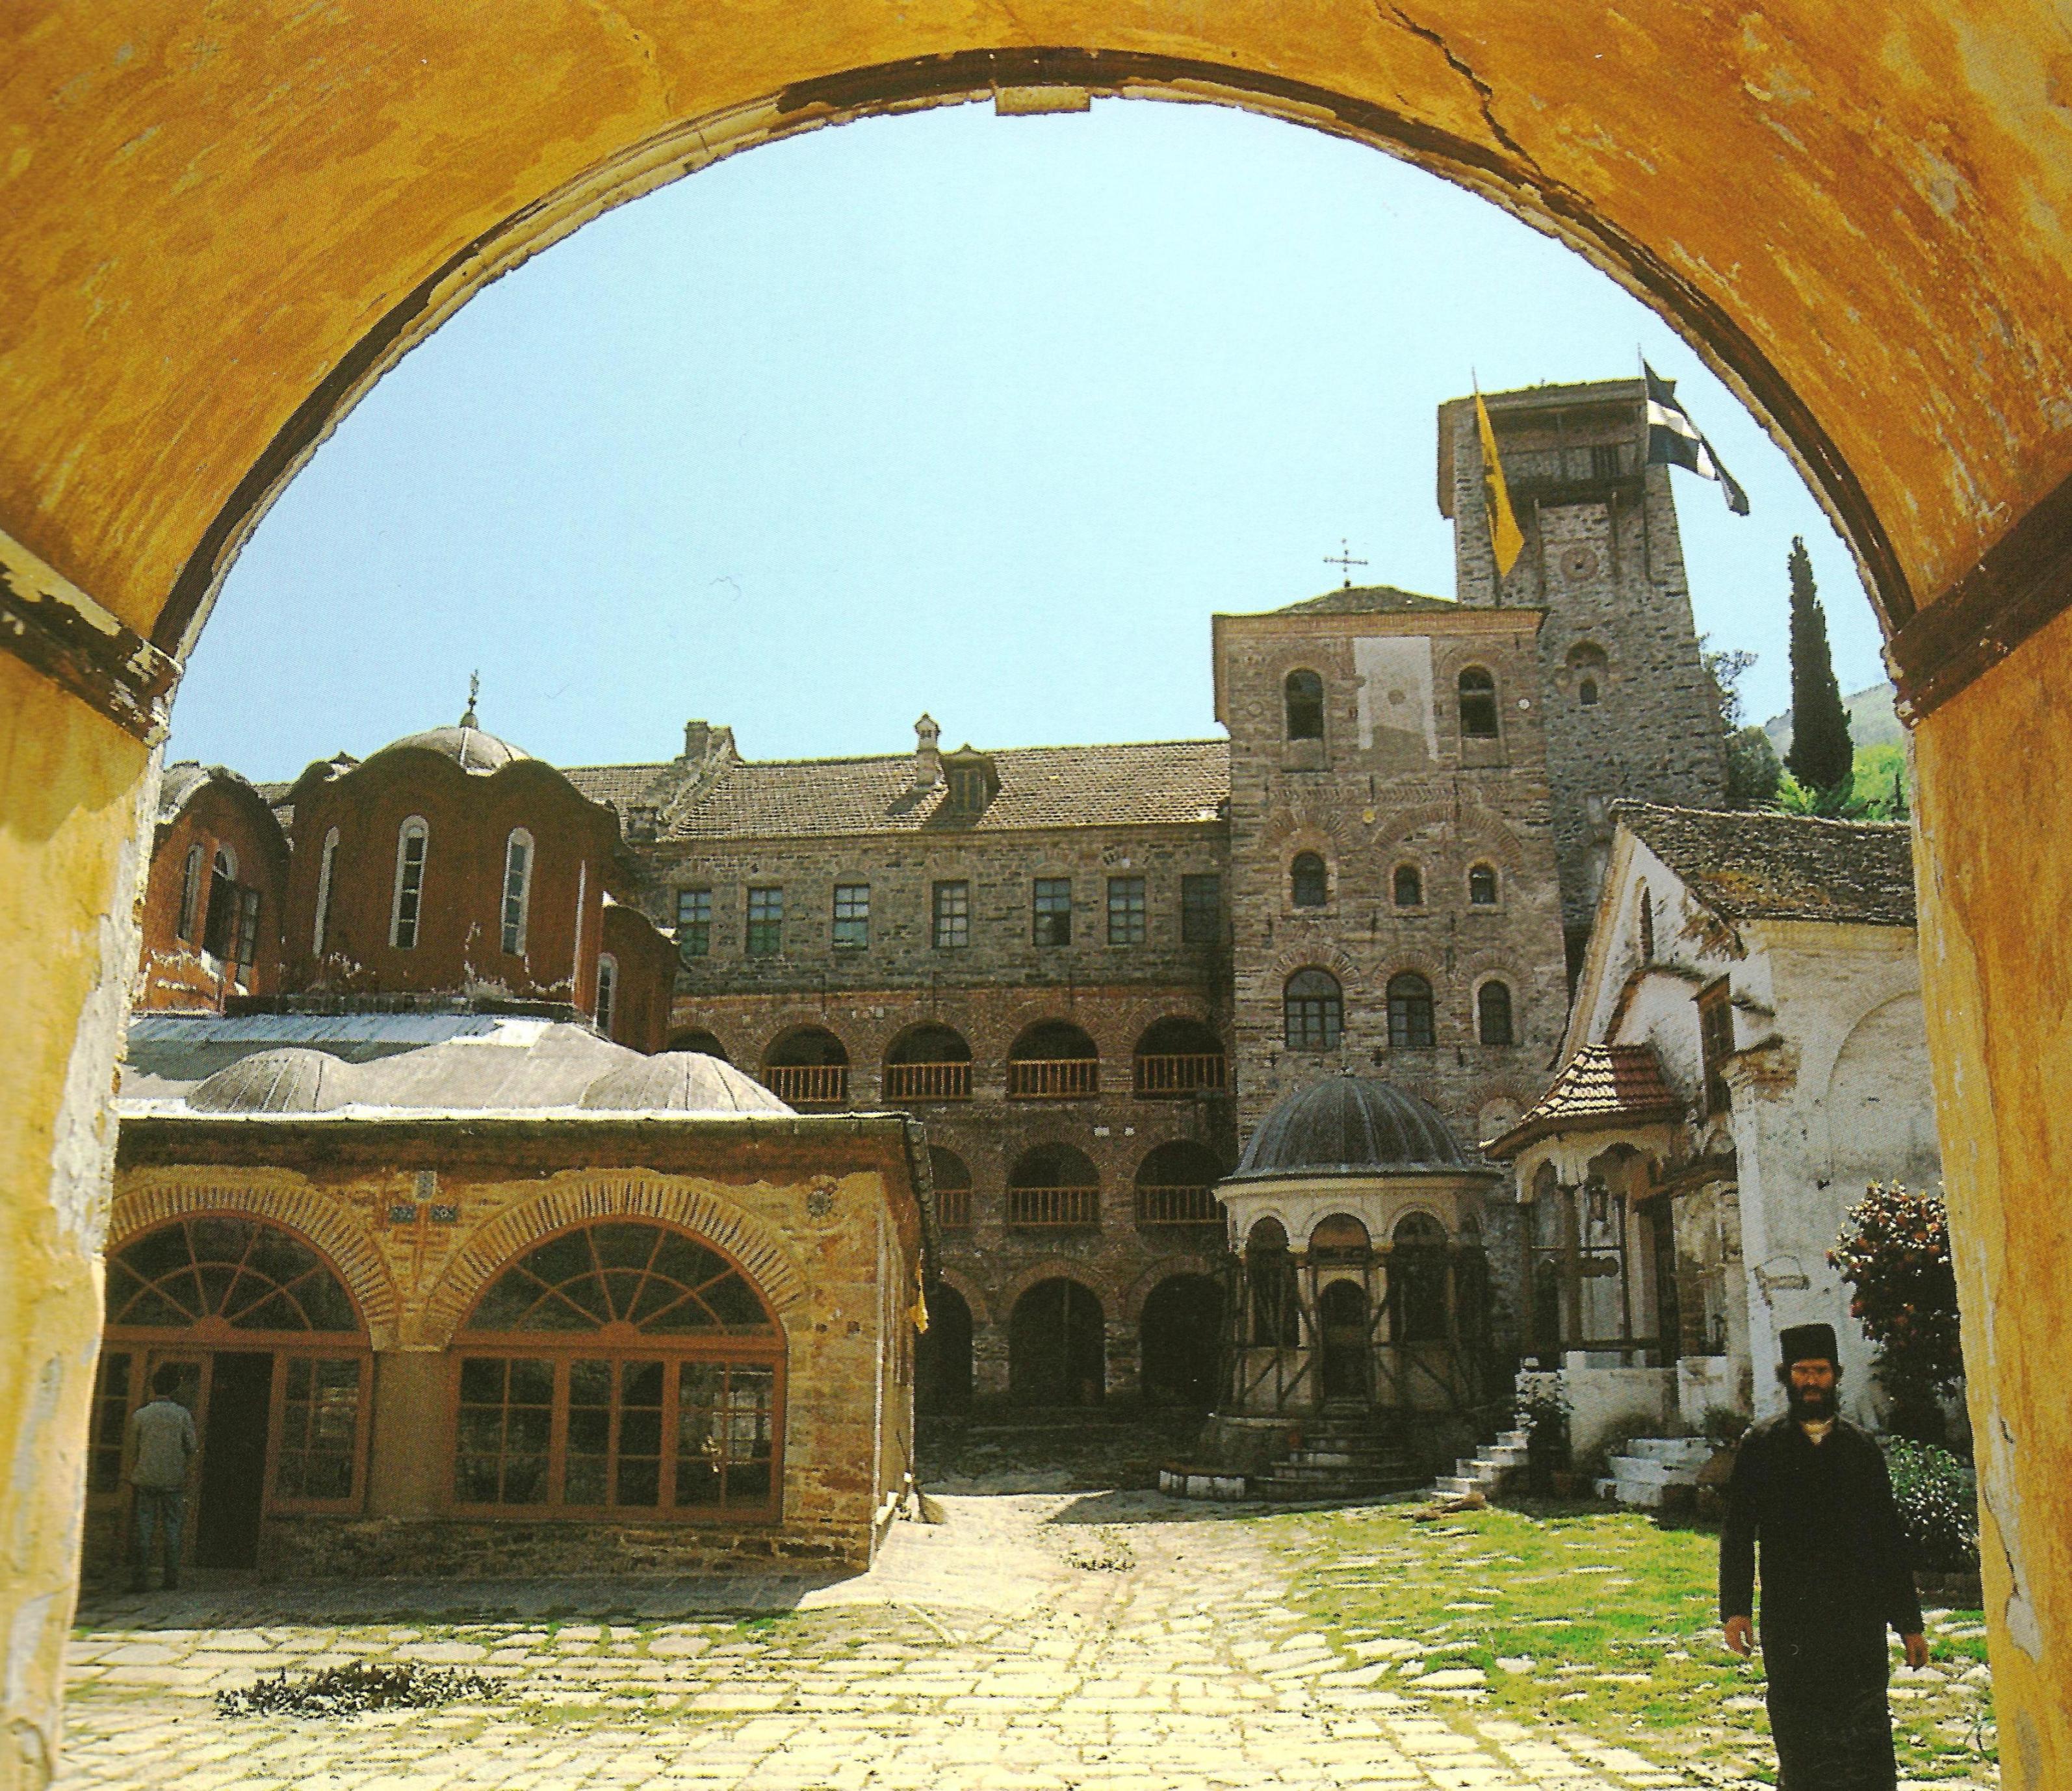 Η Ιερά Μονή Κουτλουμουσίου. Εσωτερική άποψη από την  Πύλη της Μονής. Holy Monastery of Koutloumousiou. Internal view from the Gate of the Monastery.